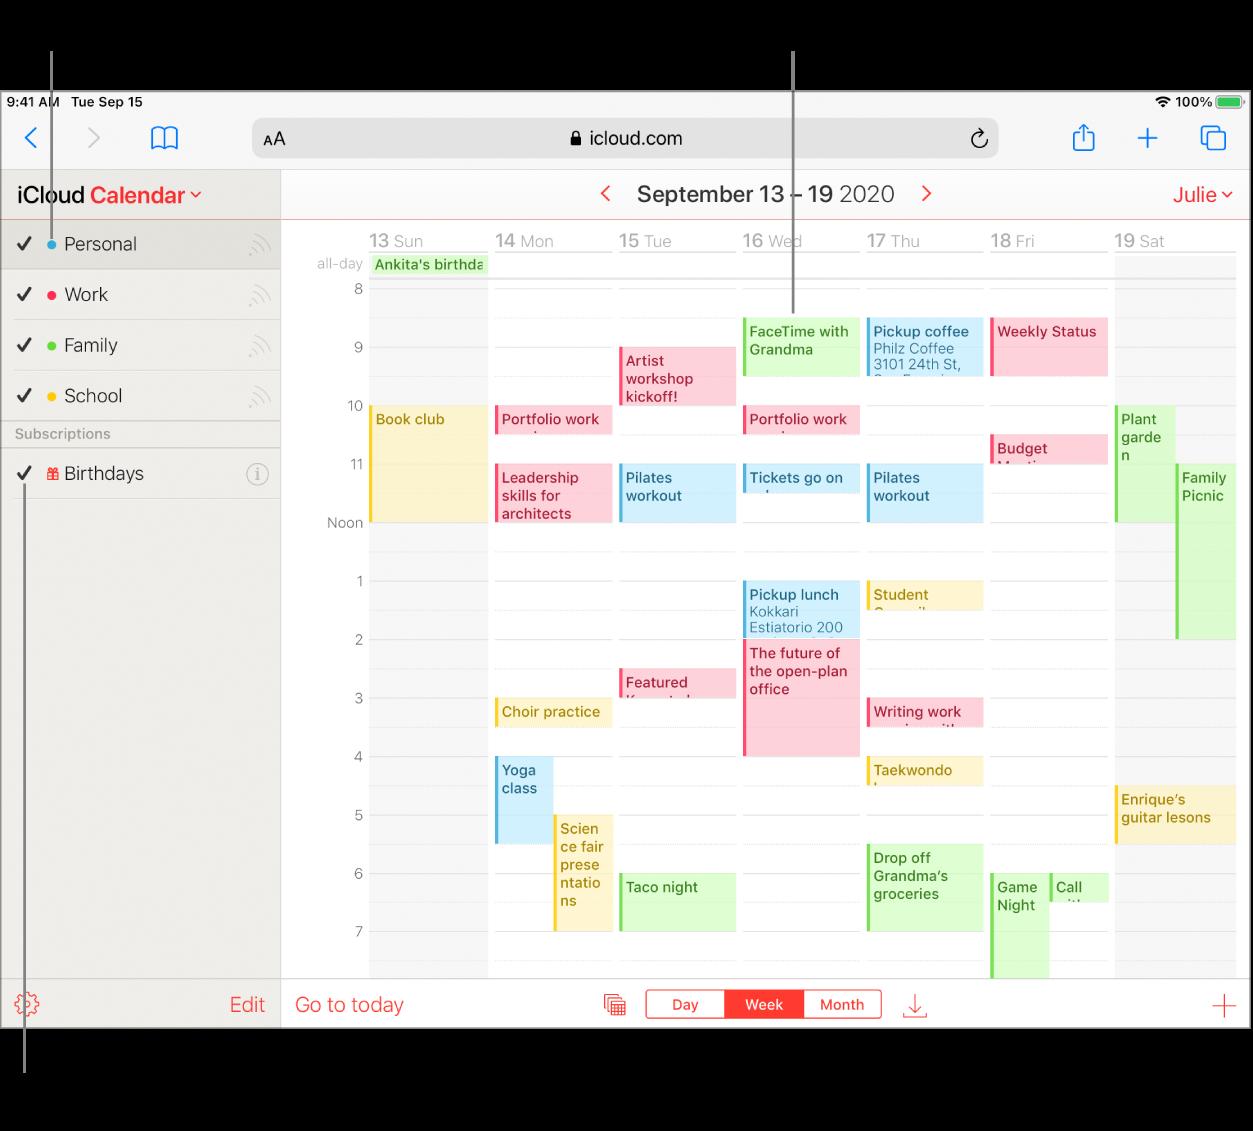 「iCloud 行事曆」視窗,其中顯示多個行事曆。指定不同的顏色給每個行事曆。行程的顏色即表示其所屬的行事曆。選取或取消選取勾選符號,以顯示或隱藏行事曆。